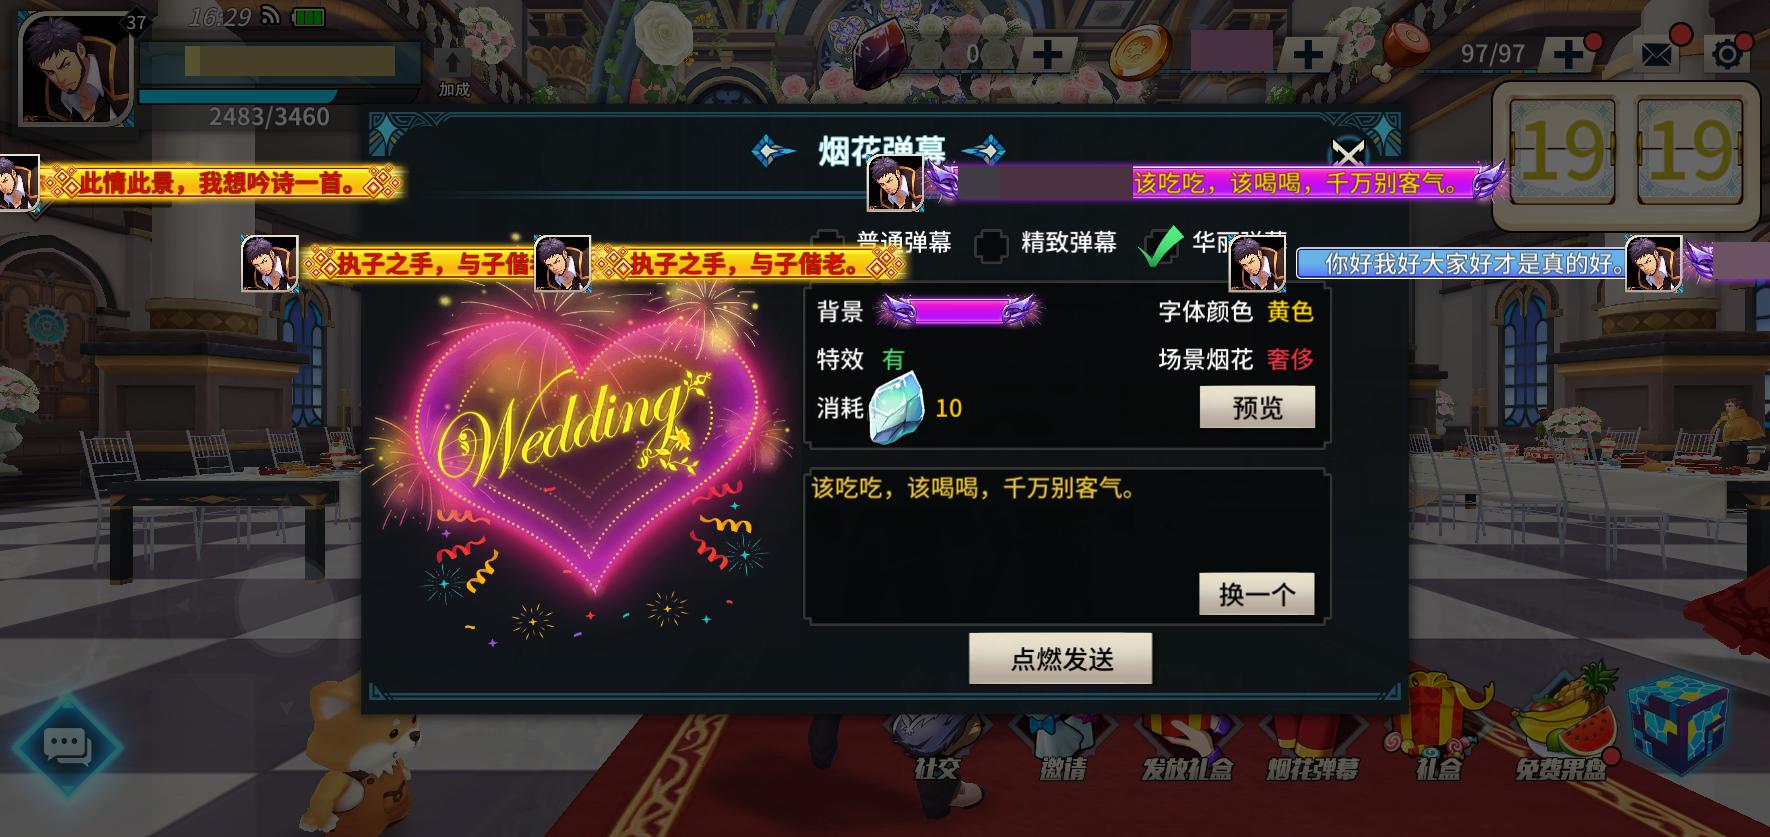 1.12版:靈魂伴侶、武器展示及命名等-婚礼弹幕.png